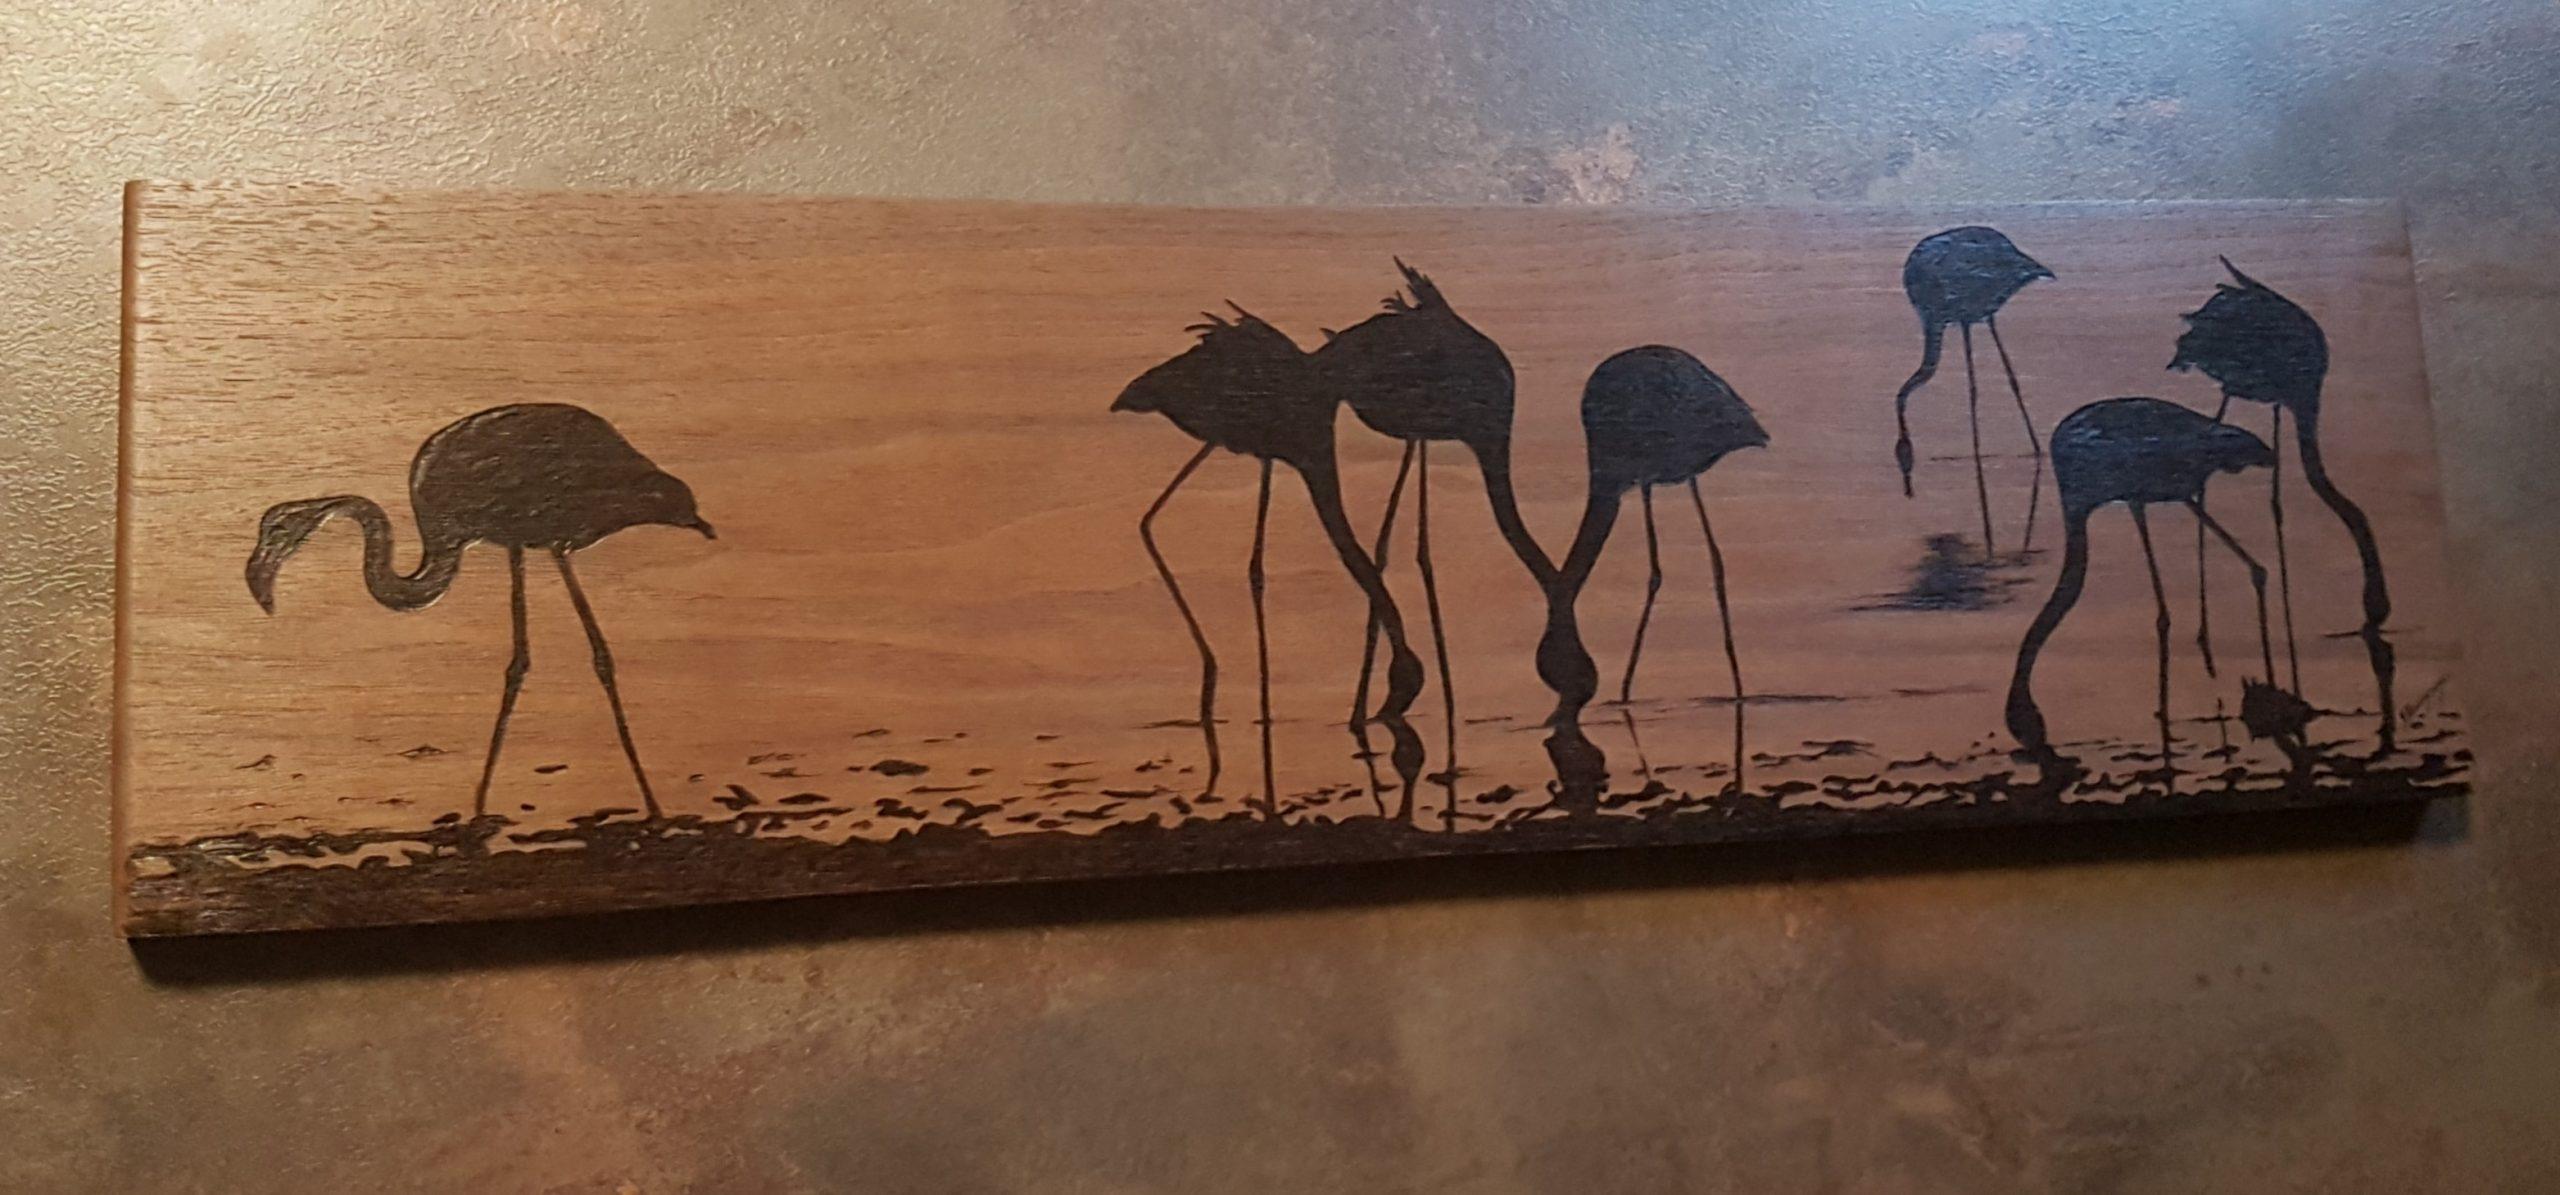 wypalanie w drewnie, sylwia, pirografia, janczyszyn, pyrography, handmade, rękodzieło, pomysł na prezent, flamingi